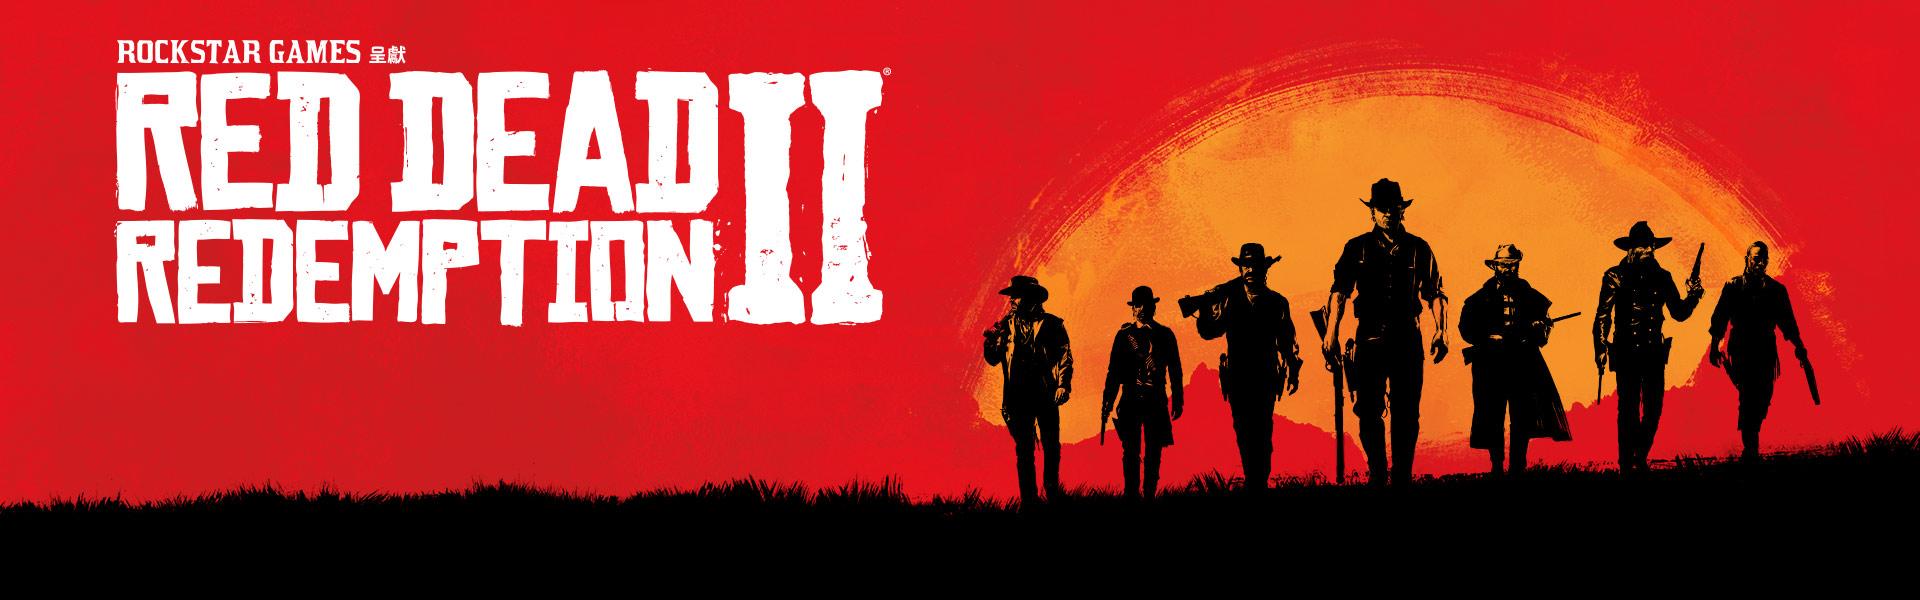 Red Dead Redemption 2 主圖